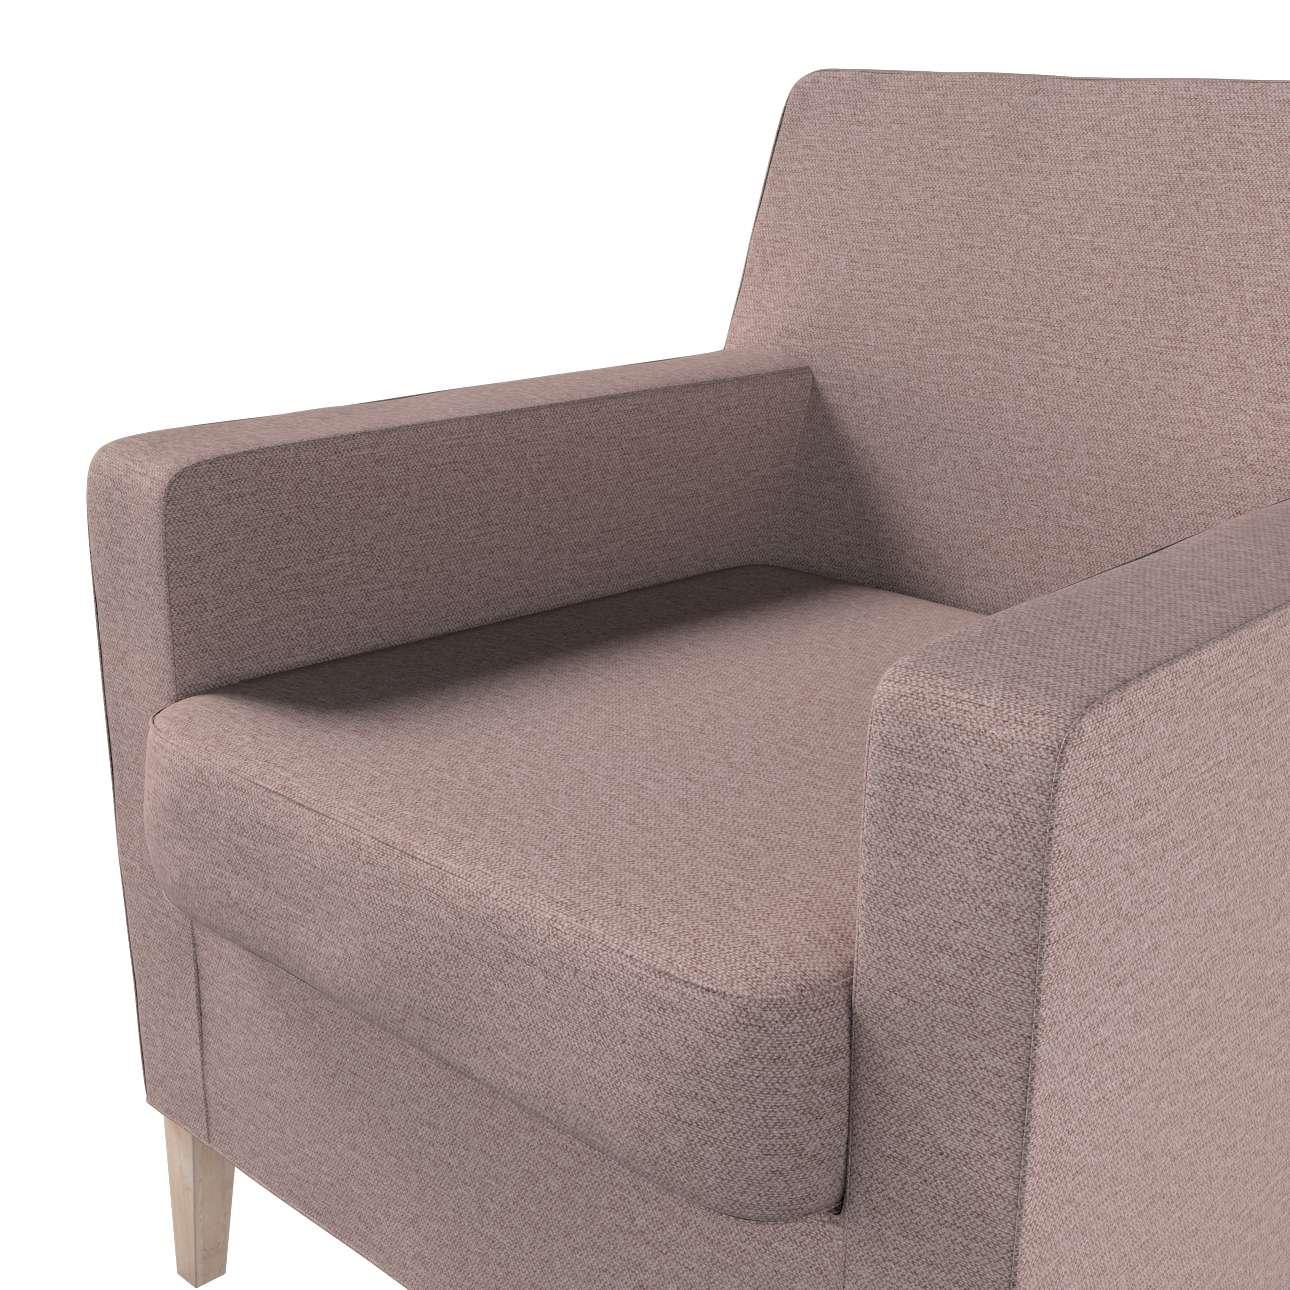 Karlstad nojatuoli, korkea mallistosta Madrid, Kangas: 161-88